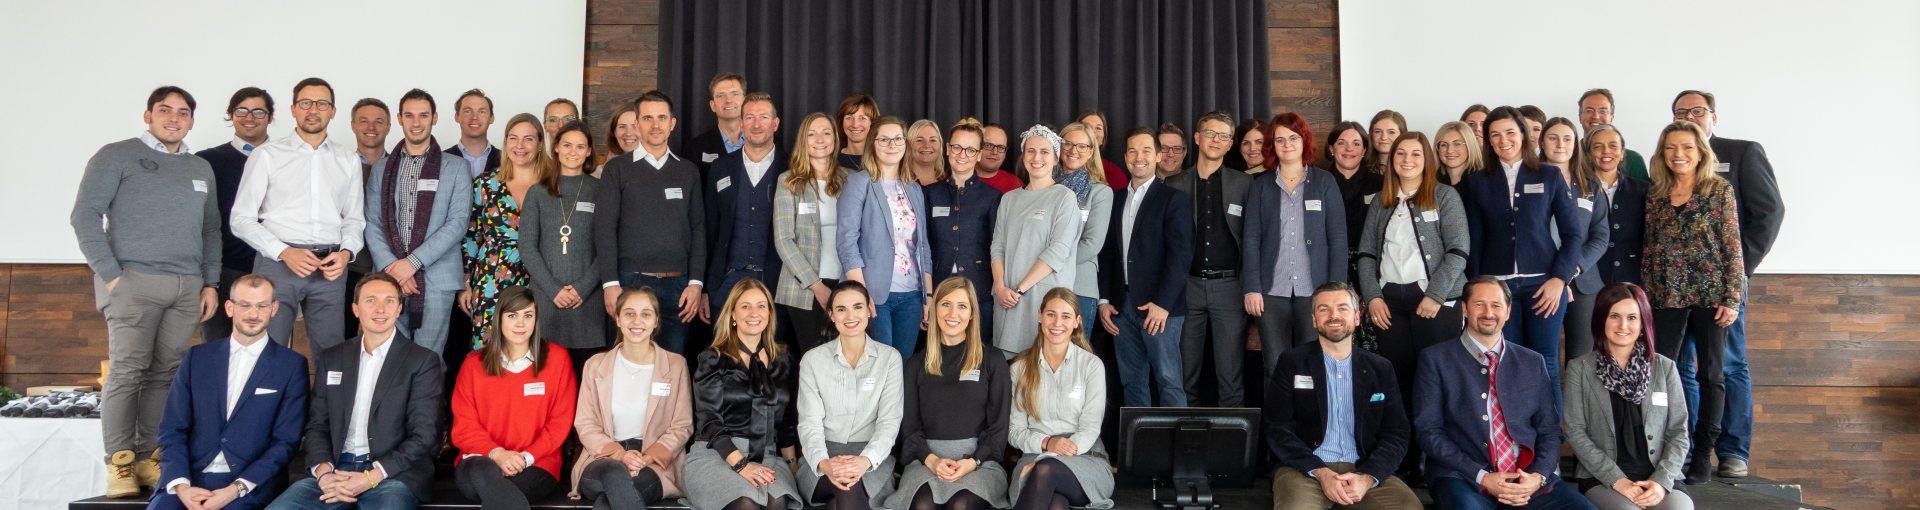 Jahresversammlung CBT und Partner 2019 © Tanja Sprenger